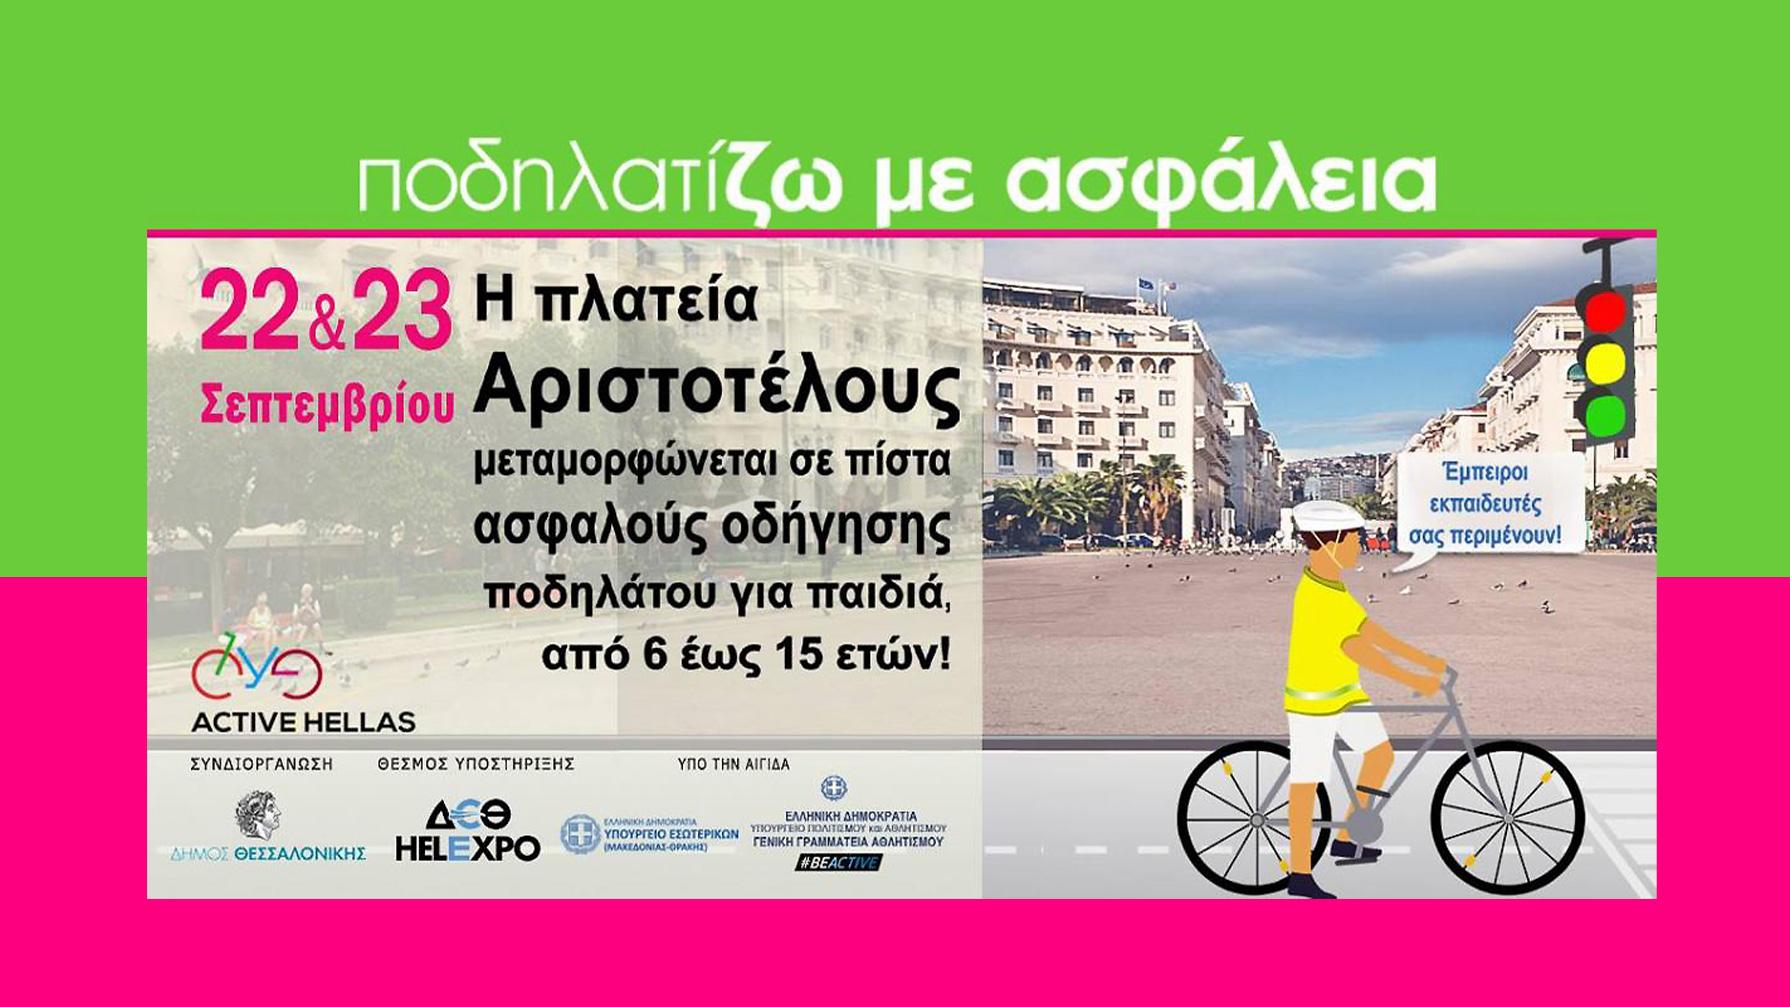 Το ΠοδηλατίΖΩ με ασφάλεια στην πλατεία Αριστοτέλους, 22 & 23 Σεπτεμβρίου article cover image